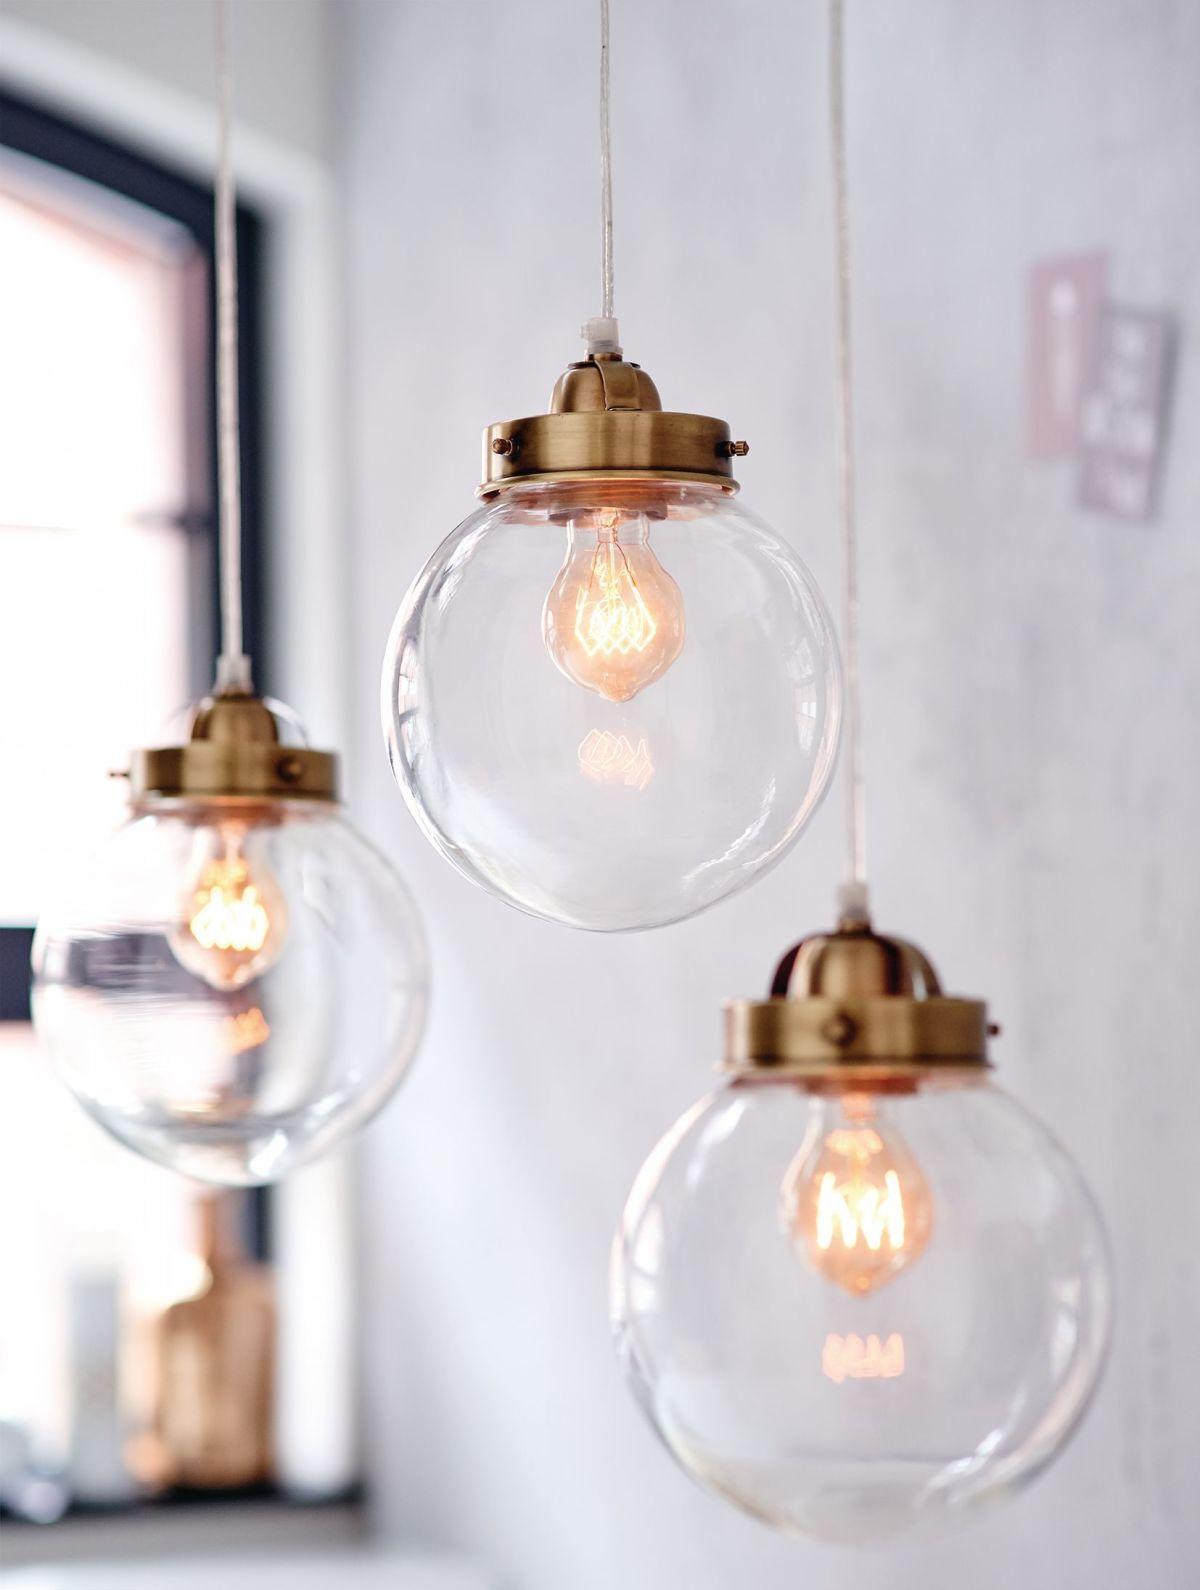 Eine Kugel Aus Klarem Glas Und Metallelemente So Schlicht Schn Kann Lampe Sein